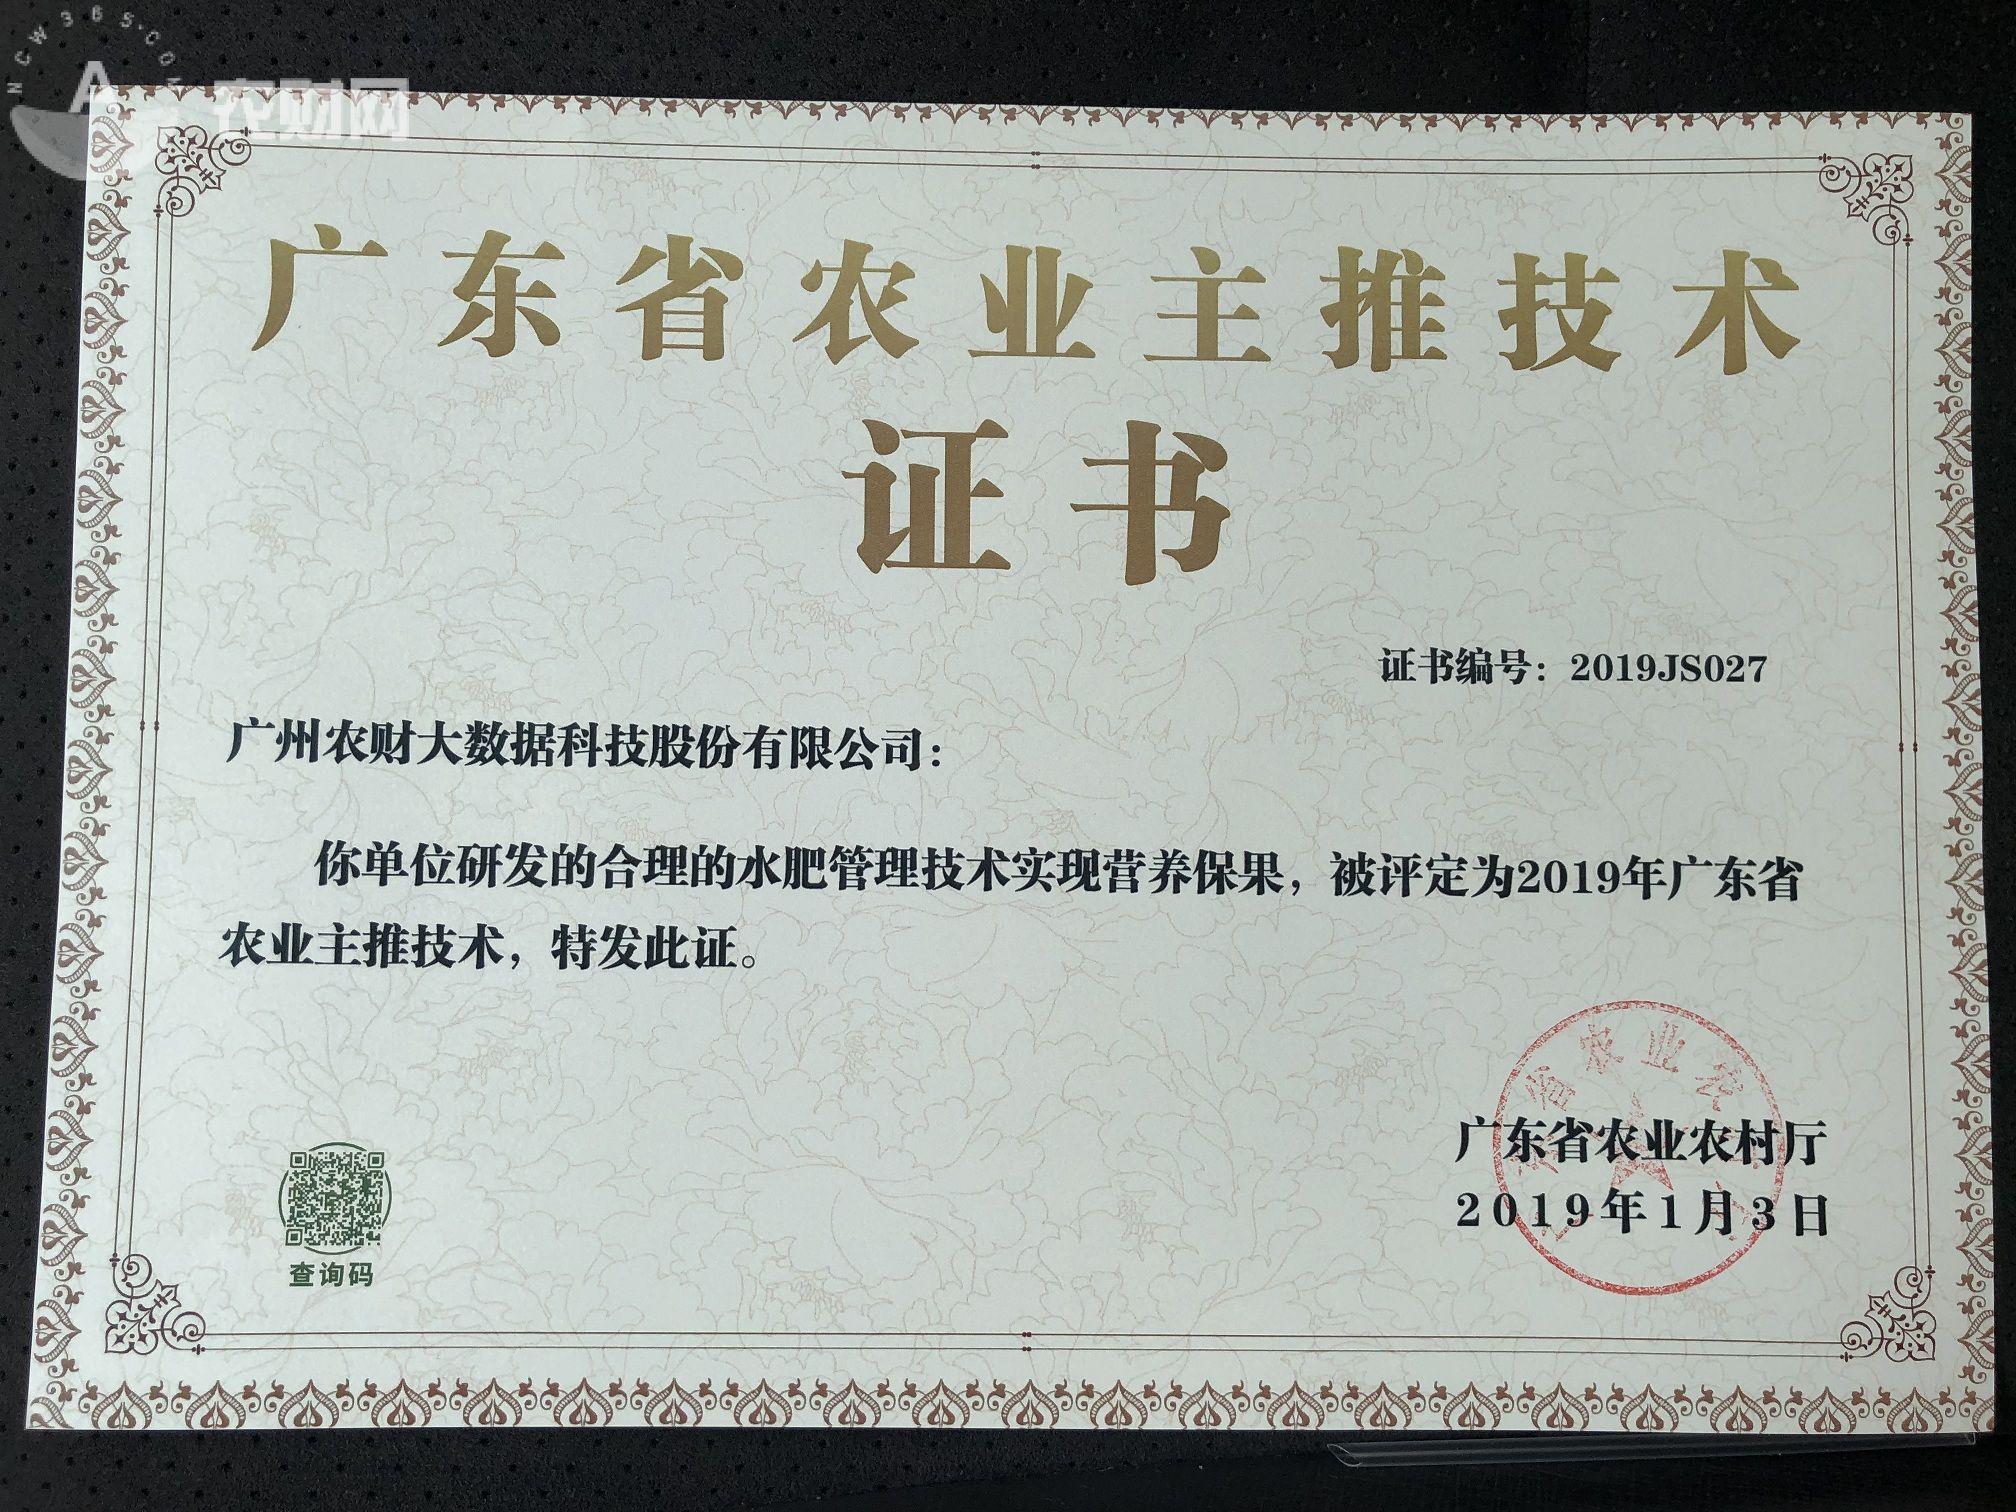 19年广东省农业主推技术—合理的水肥管理技术实现营养保果